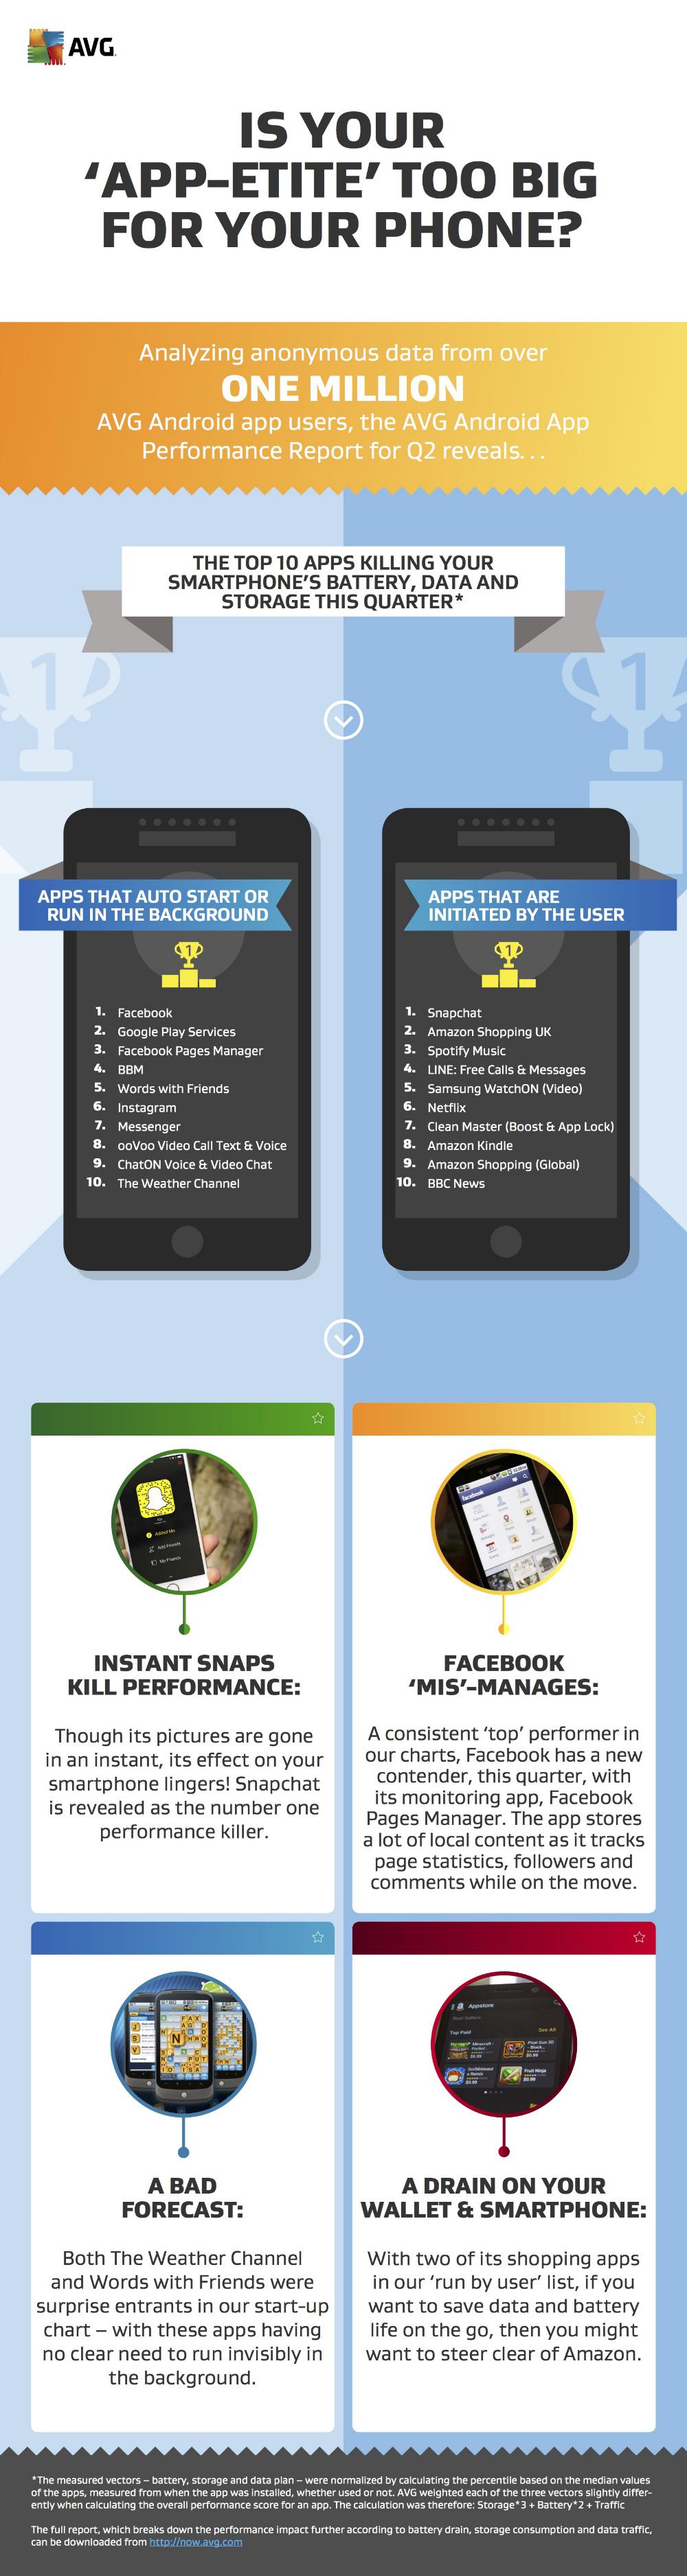 avg-top-apps-battery-life-2